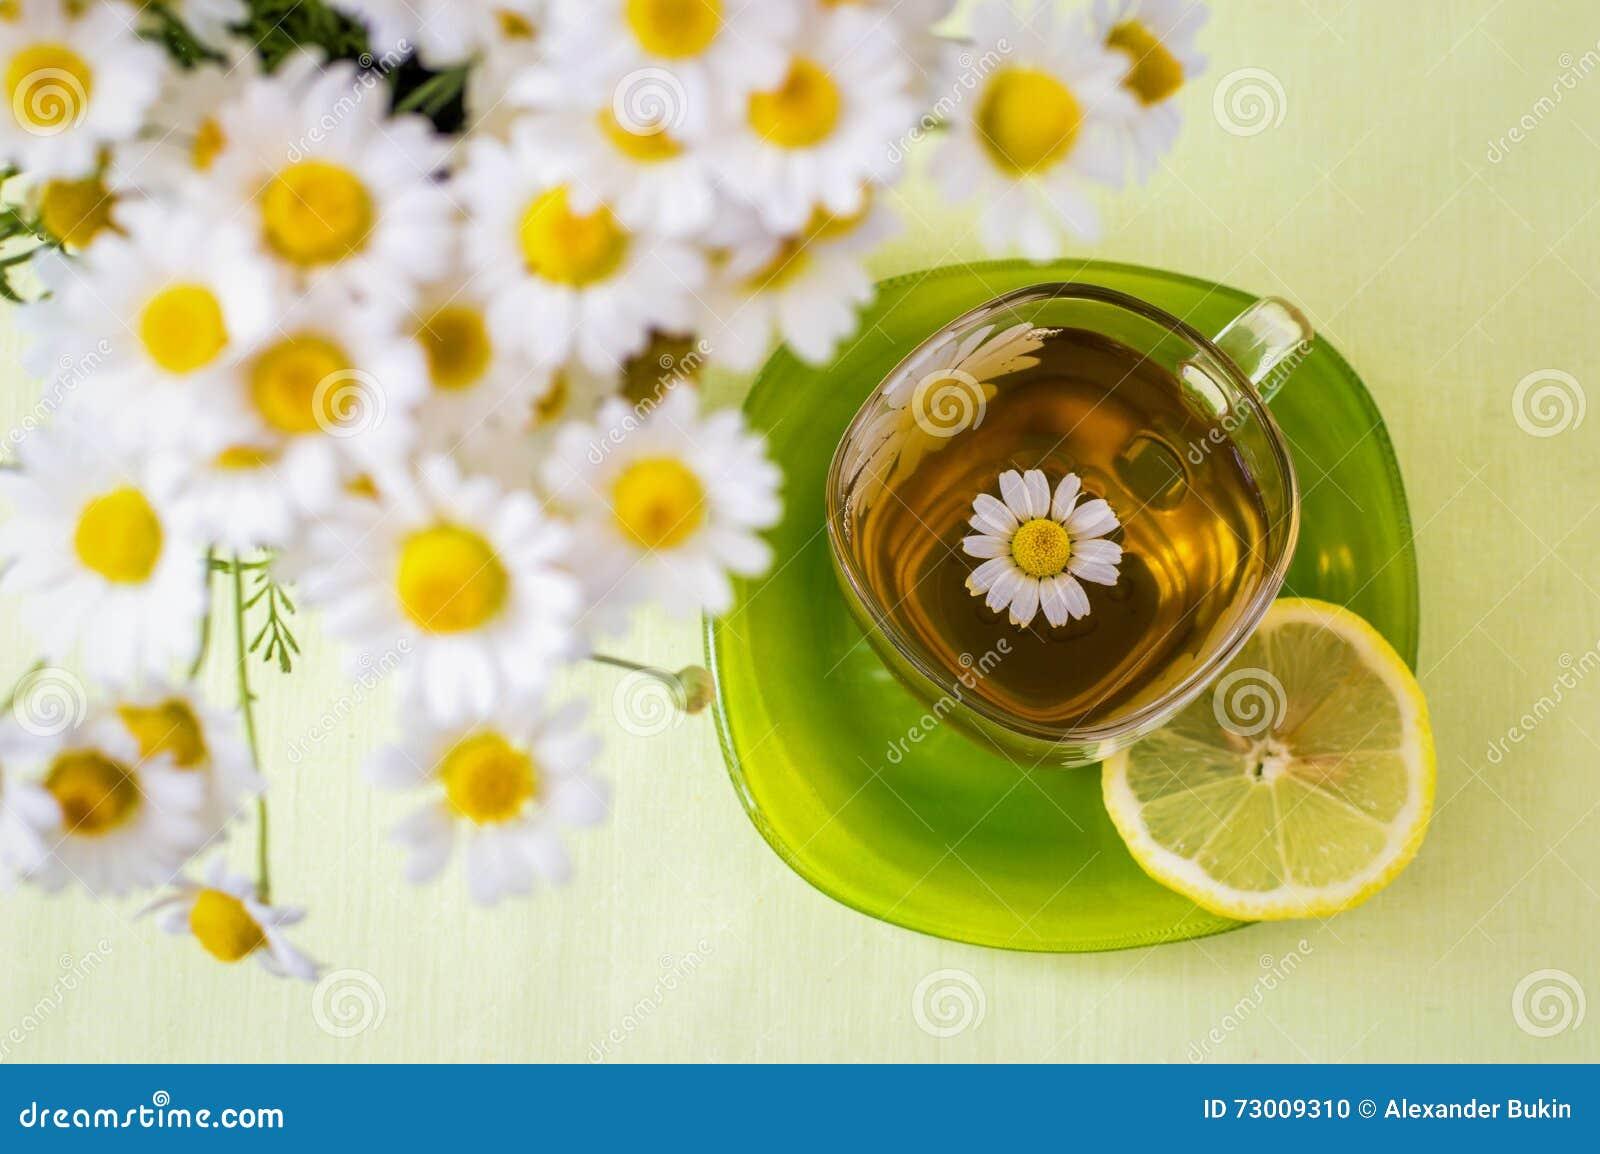 Una taza de té de manzanilla y un ramo de margaritas